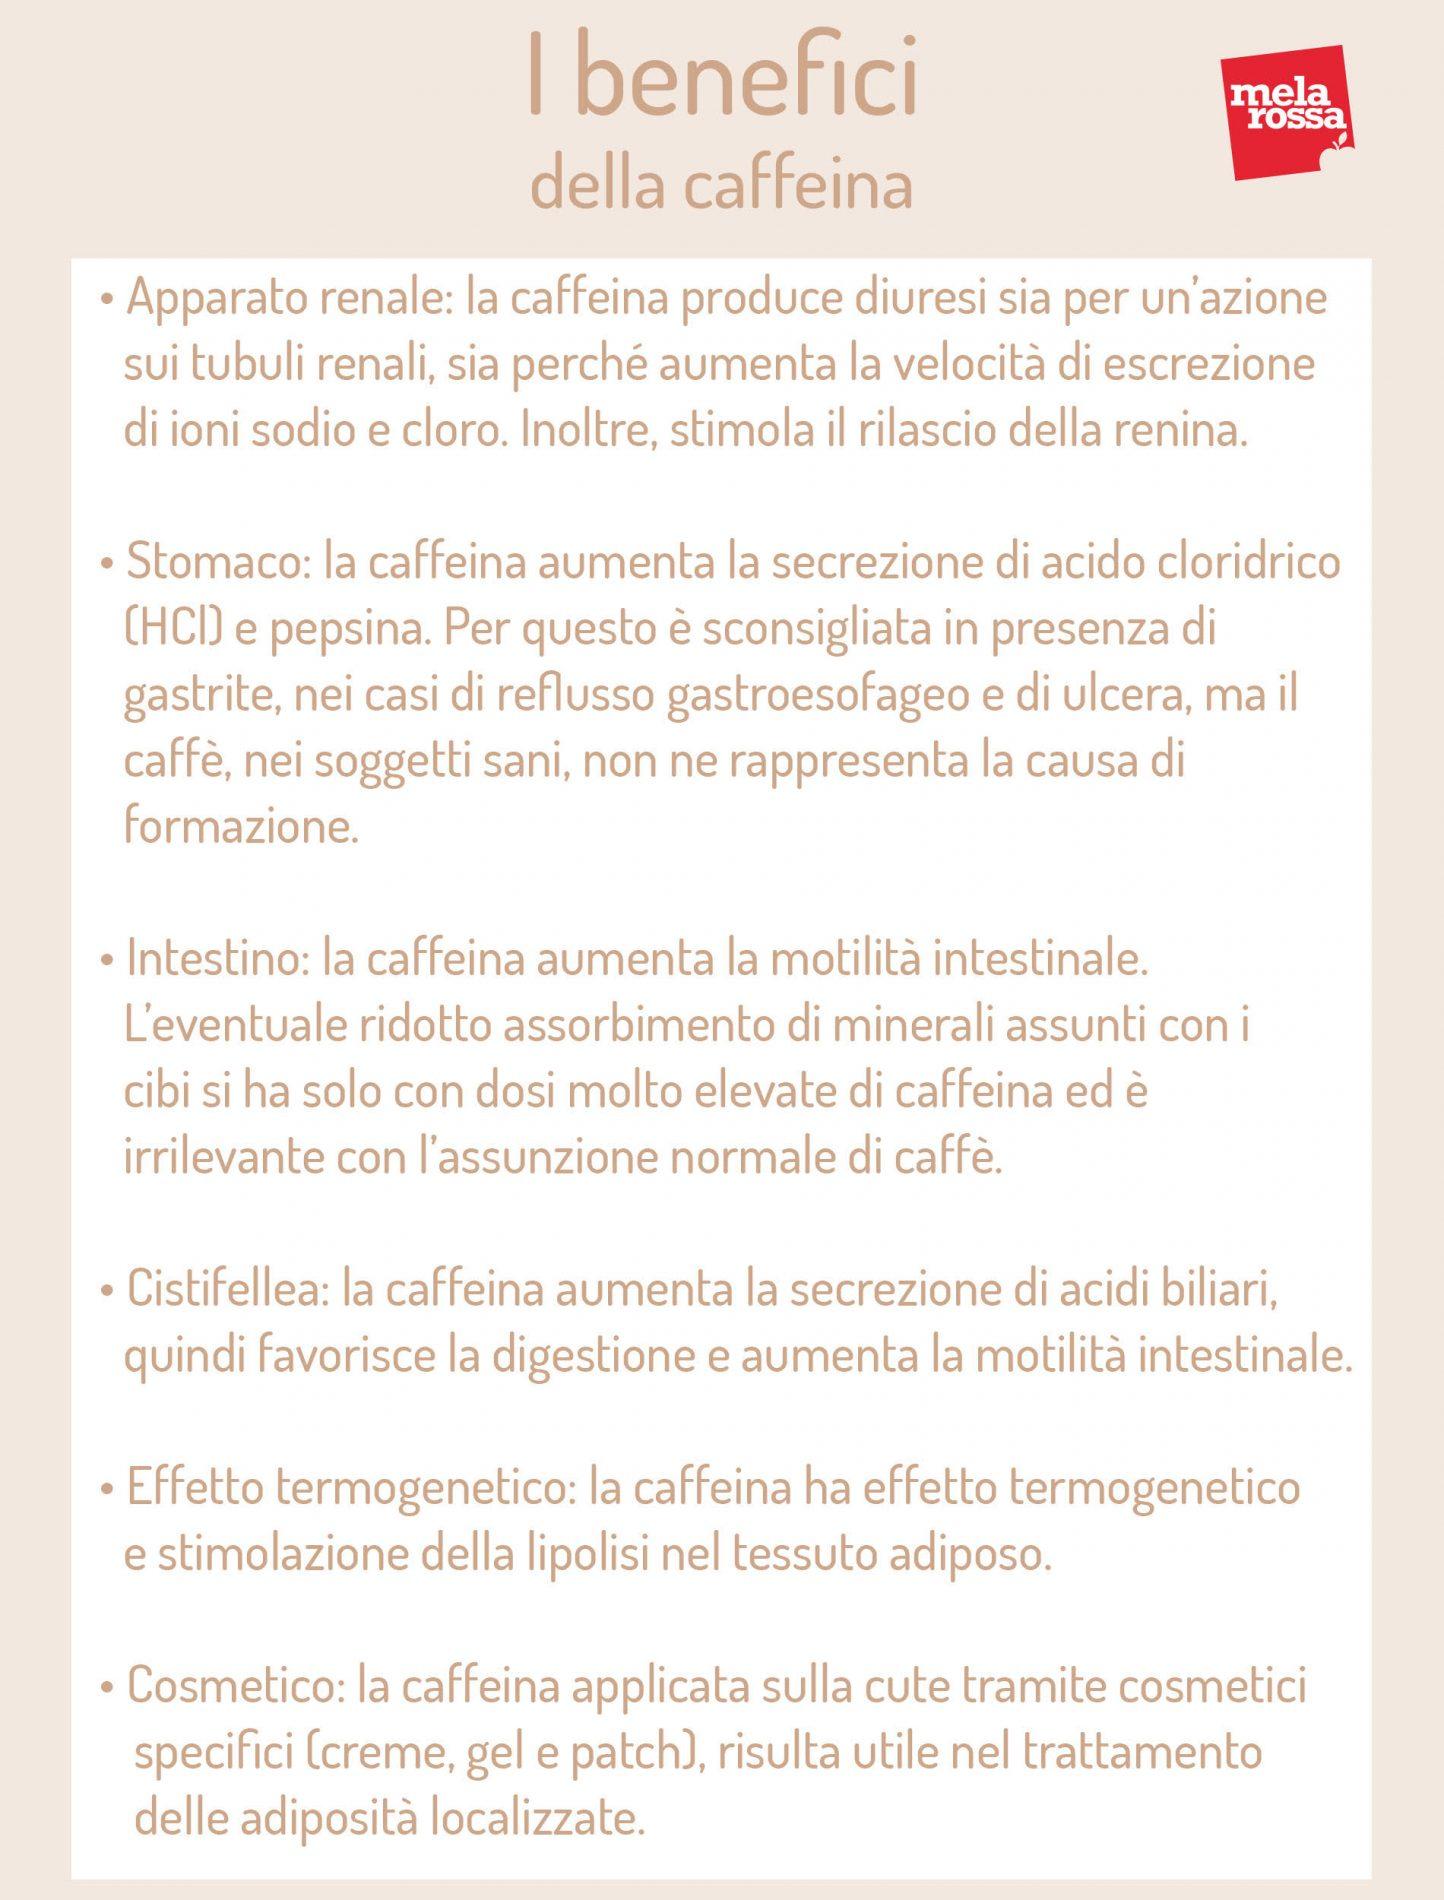 Benefici della caffeina